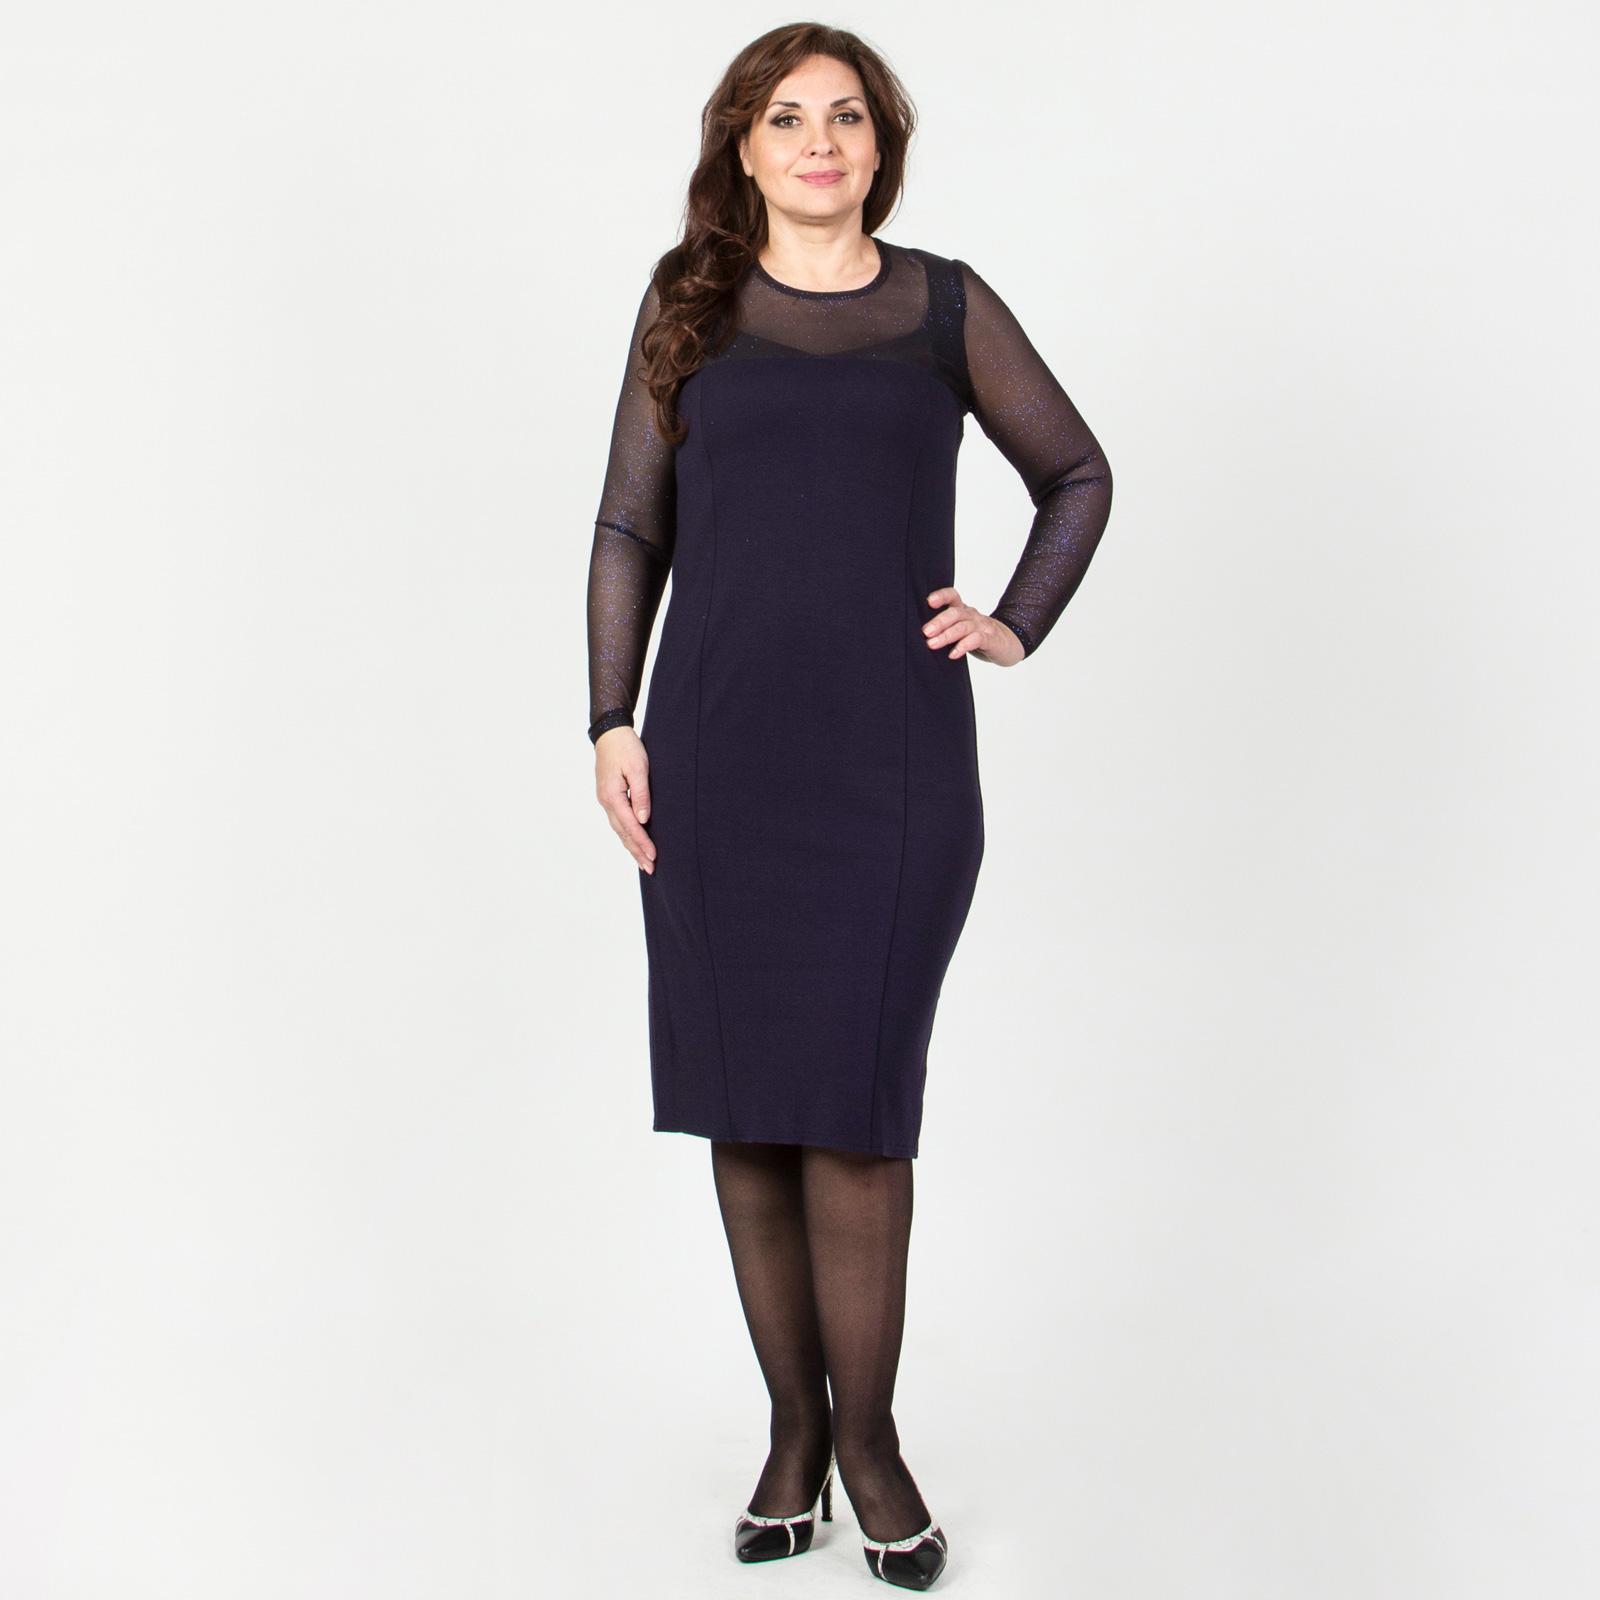 Платье приталенного кроя с гипюровыми рукавами виброплатформы для похудения в алматы в интернет магазине